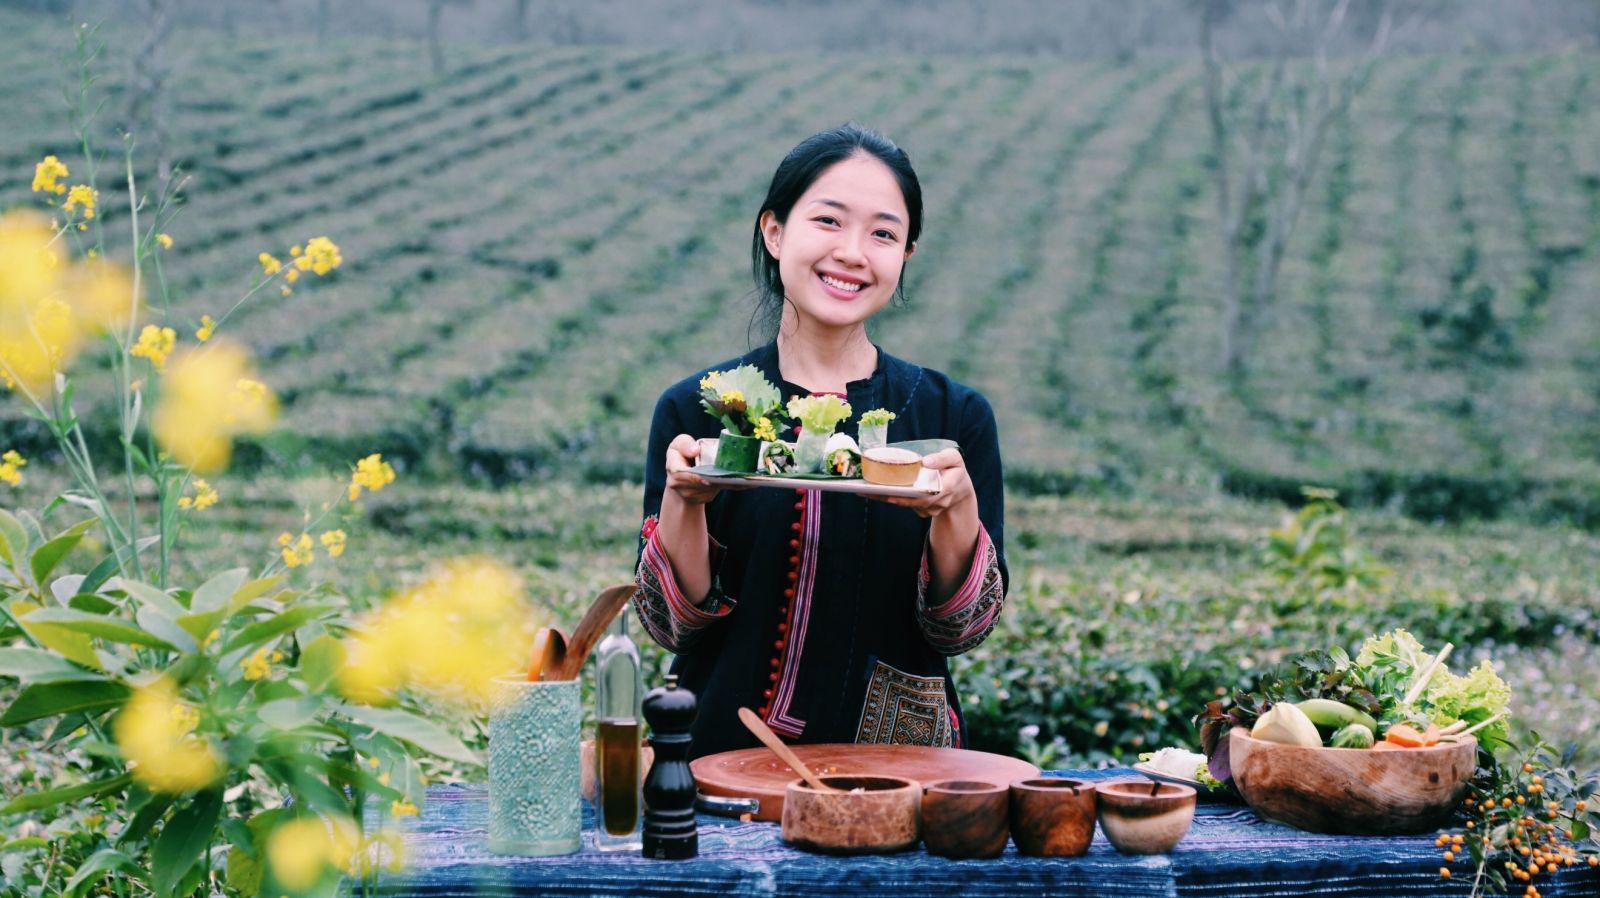 Nữ du học sinh Nguyễn Khánh Vương Anh đang theo học nghề bếp tại  Trường Le Cordon Bleu, Sydney (Úc).